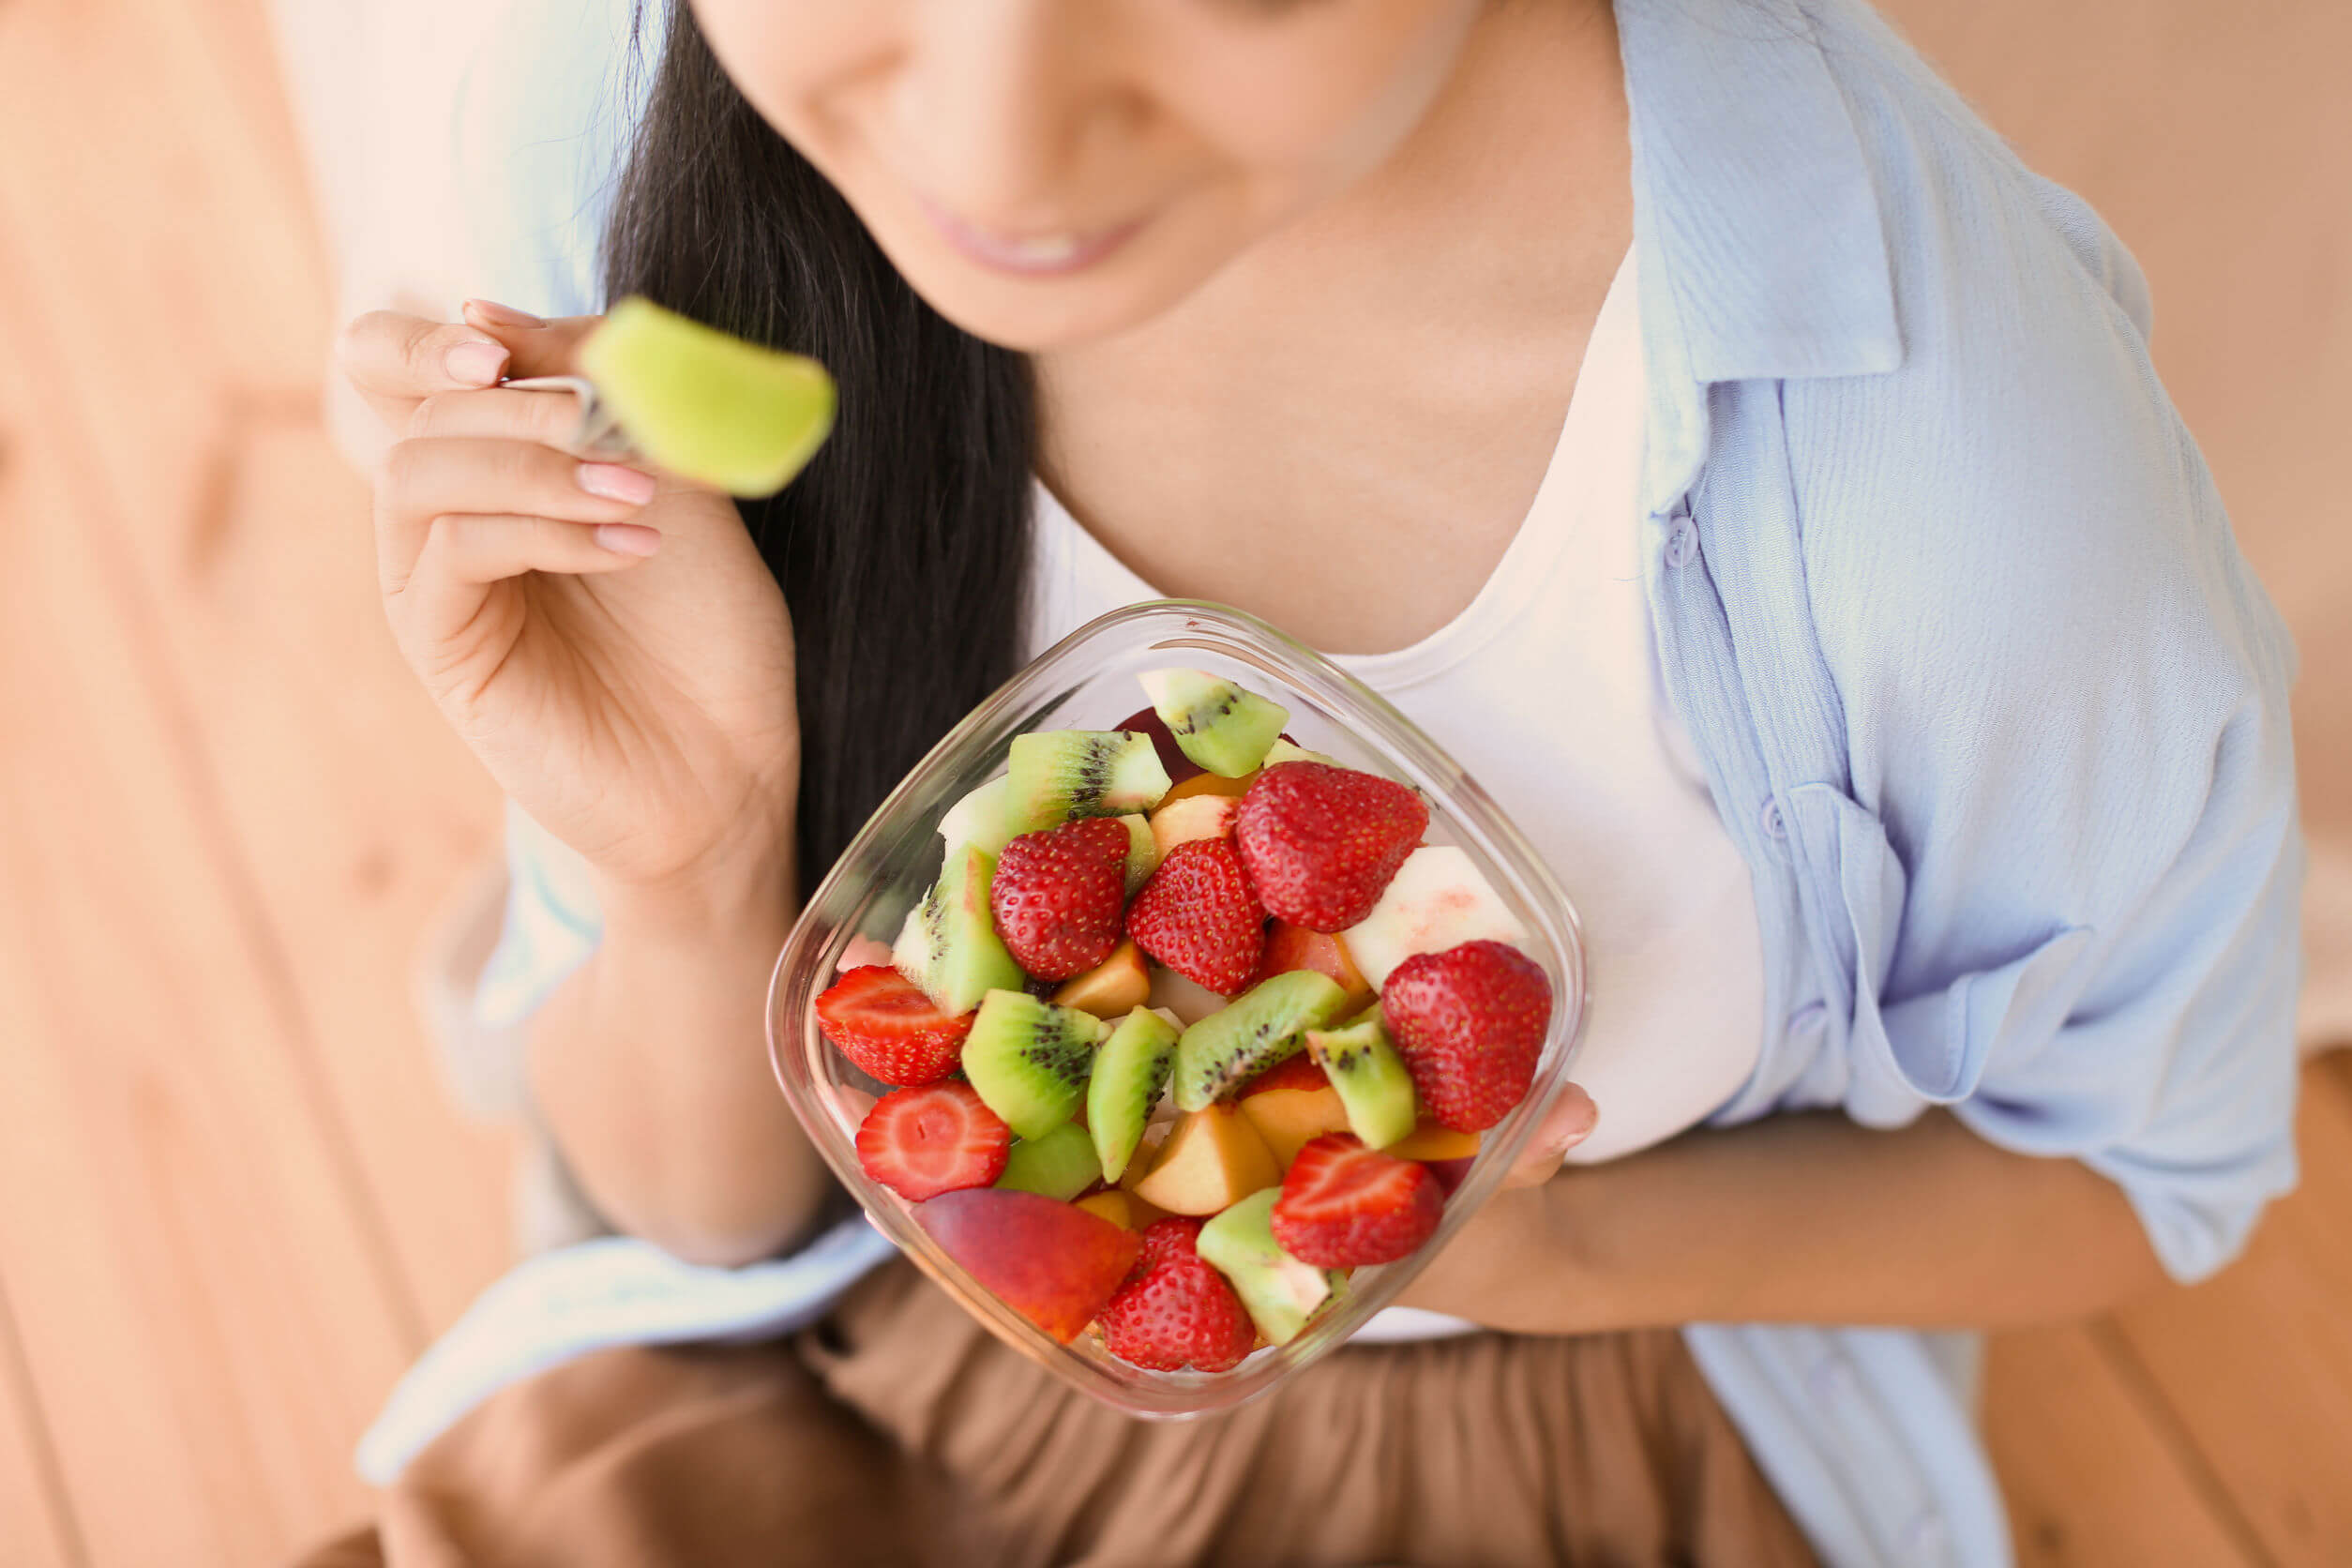 Si no se puede evitar comer compulsivamente, tener una ensalada de frutas a la mano es buena opción.